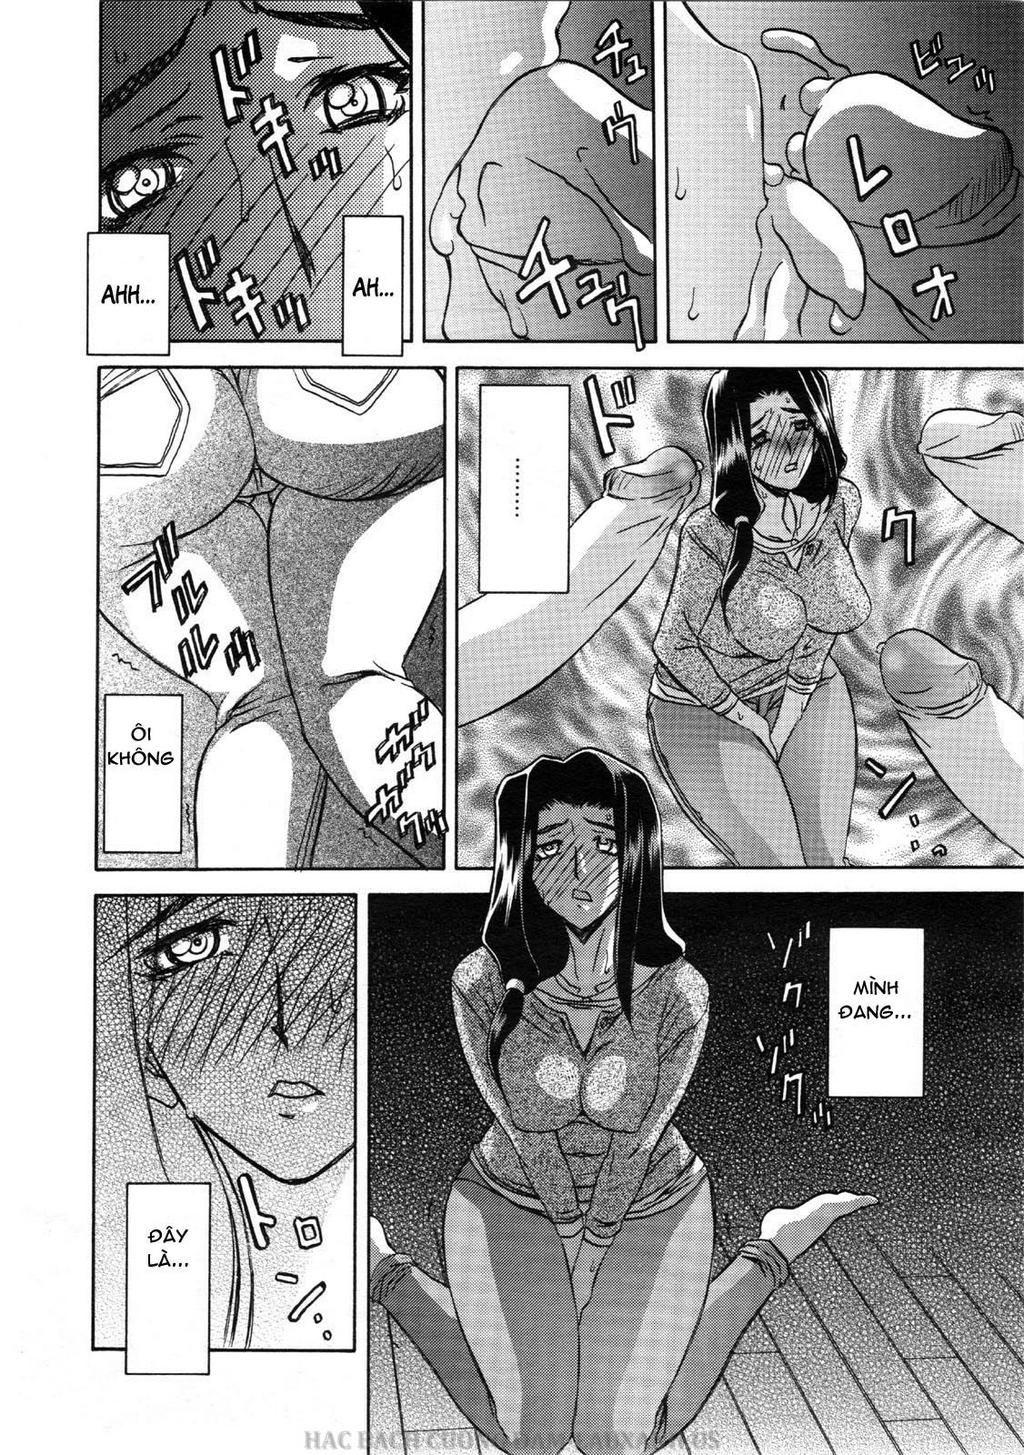 Hình ảnh hentailxers.blogspot.com0019 trong bài viết Manga H Sayuki no Sato